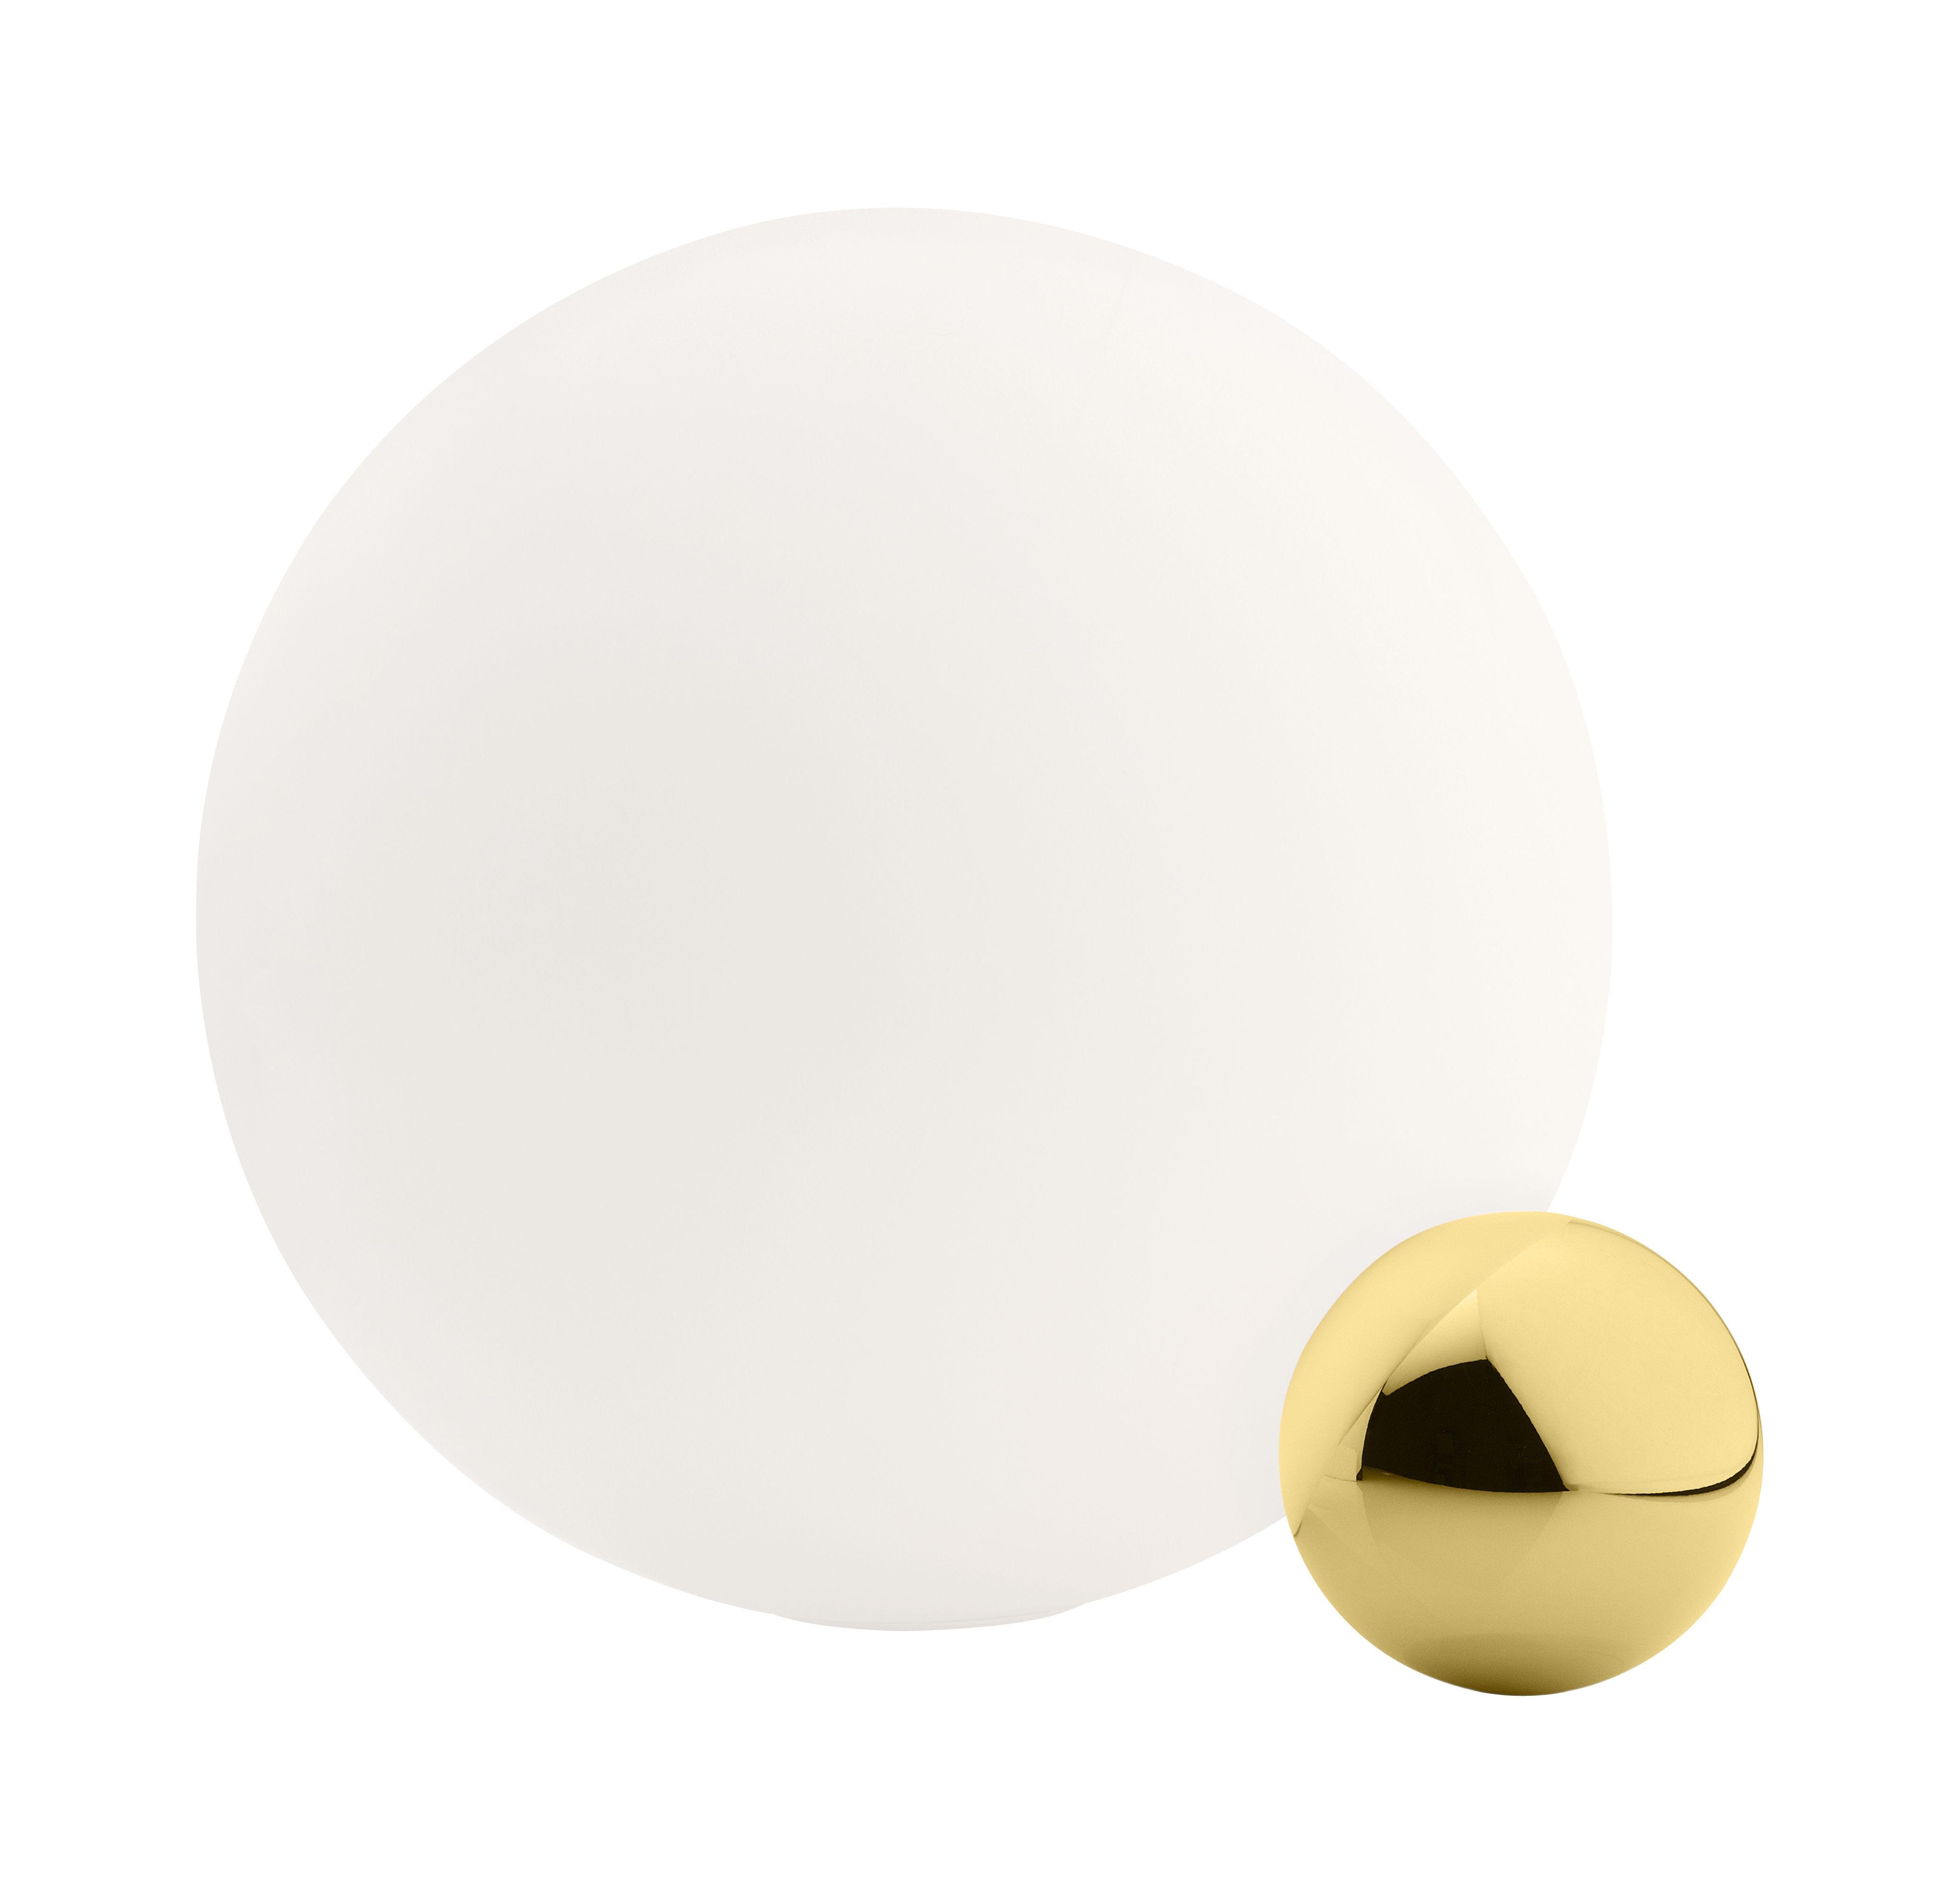 Luminaire - Lampes de table - Lampe de table Copycat LED / Ø 30 cm - Or 24 carats - Flos - Or 24 Carats / Blanc - Aluminium plaqué or, Verre soufflé